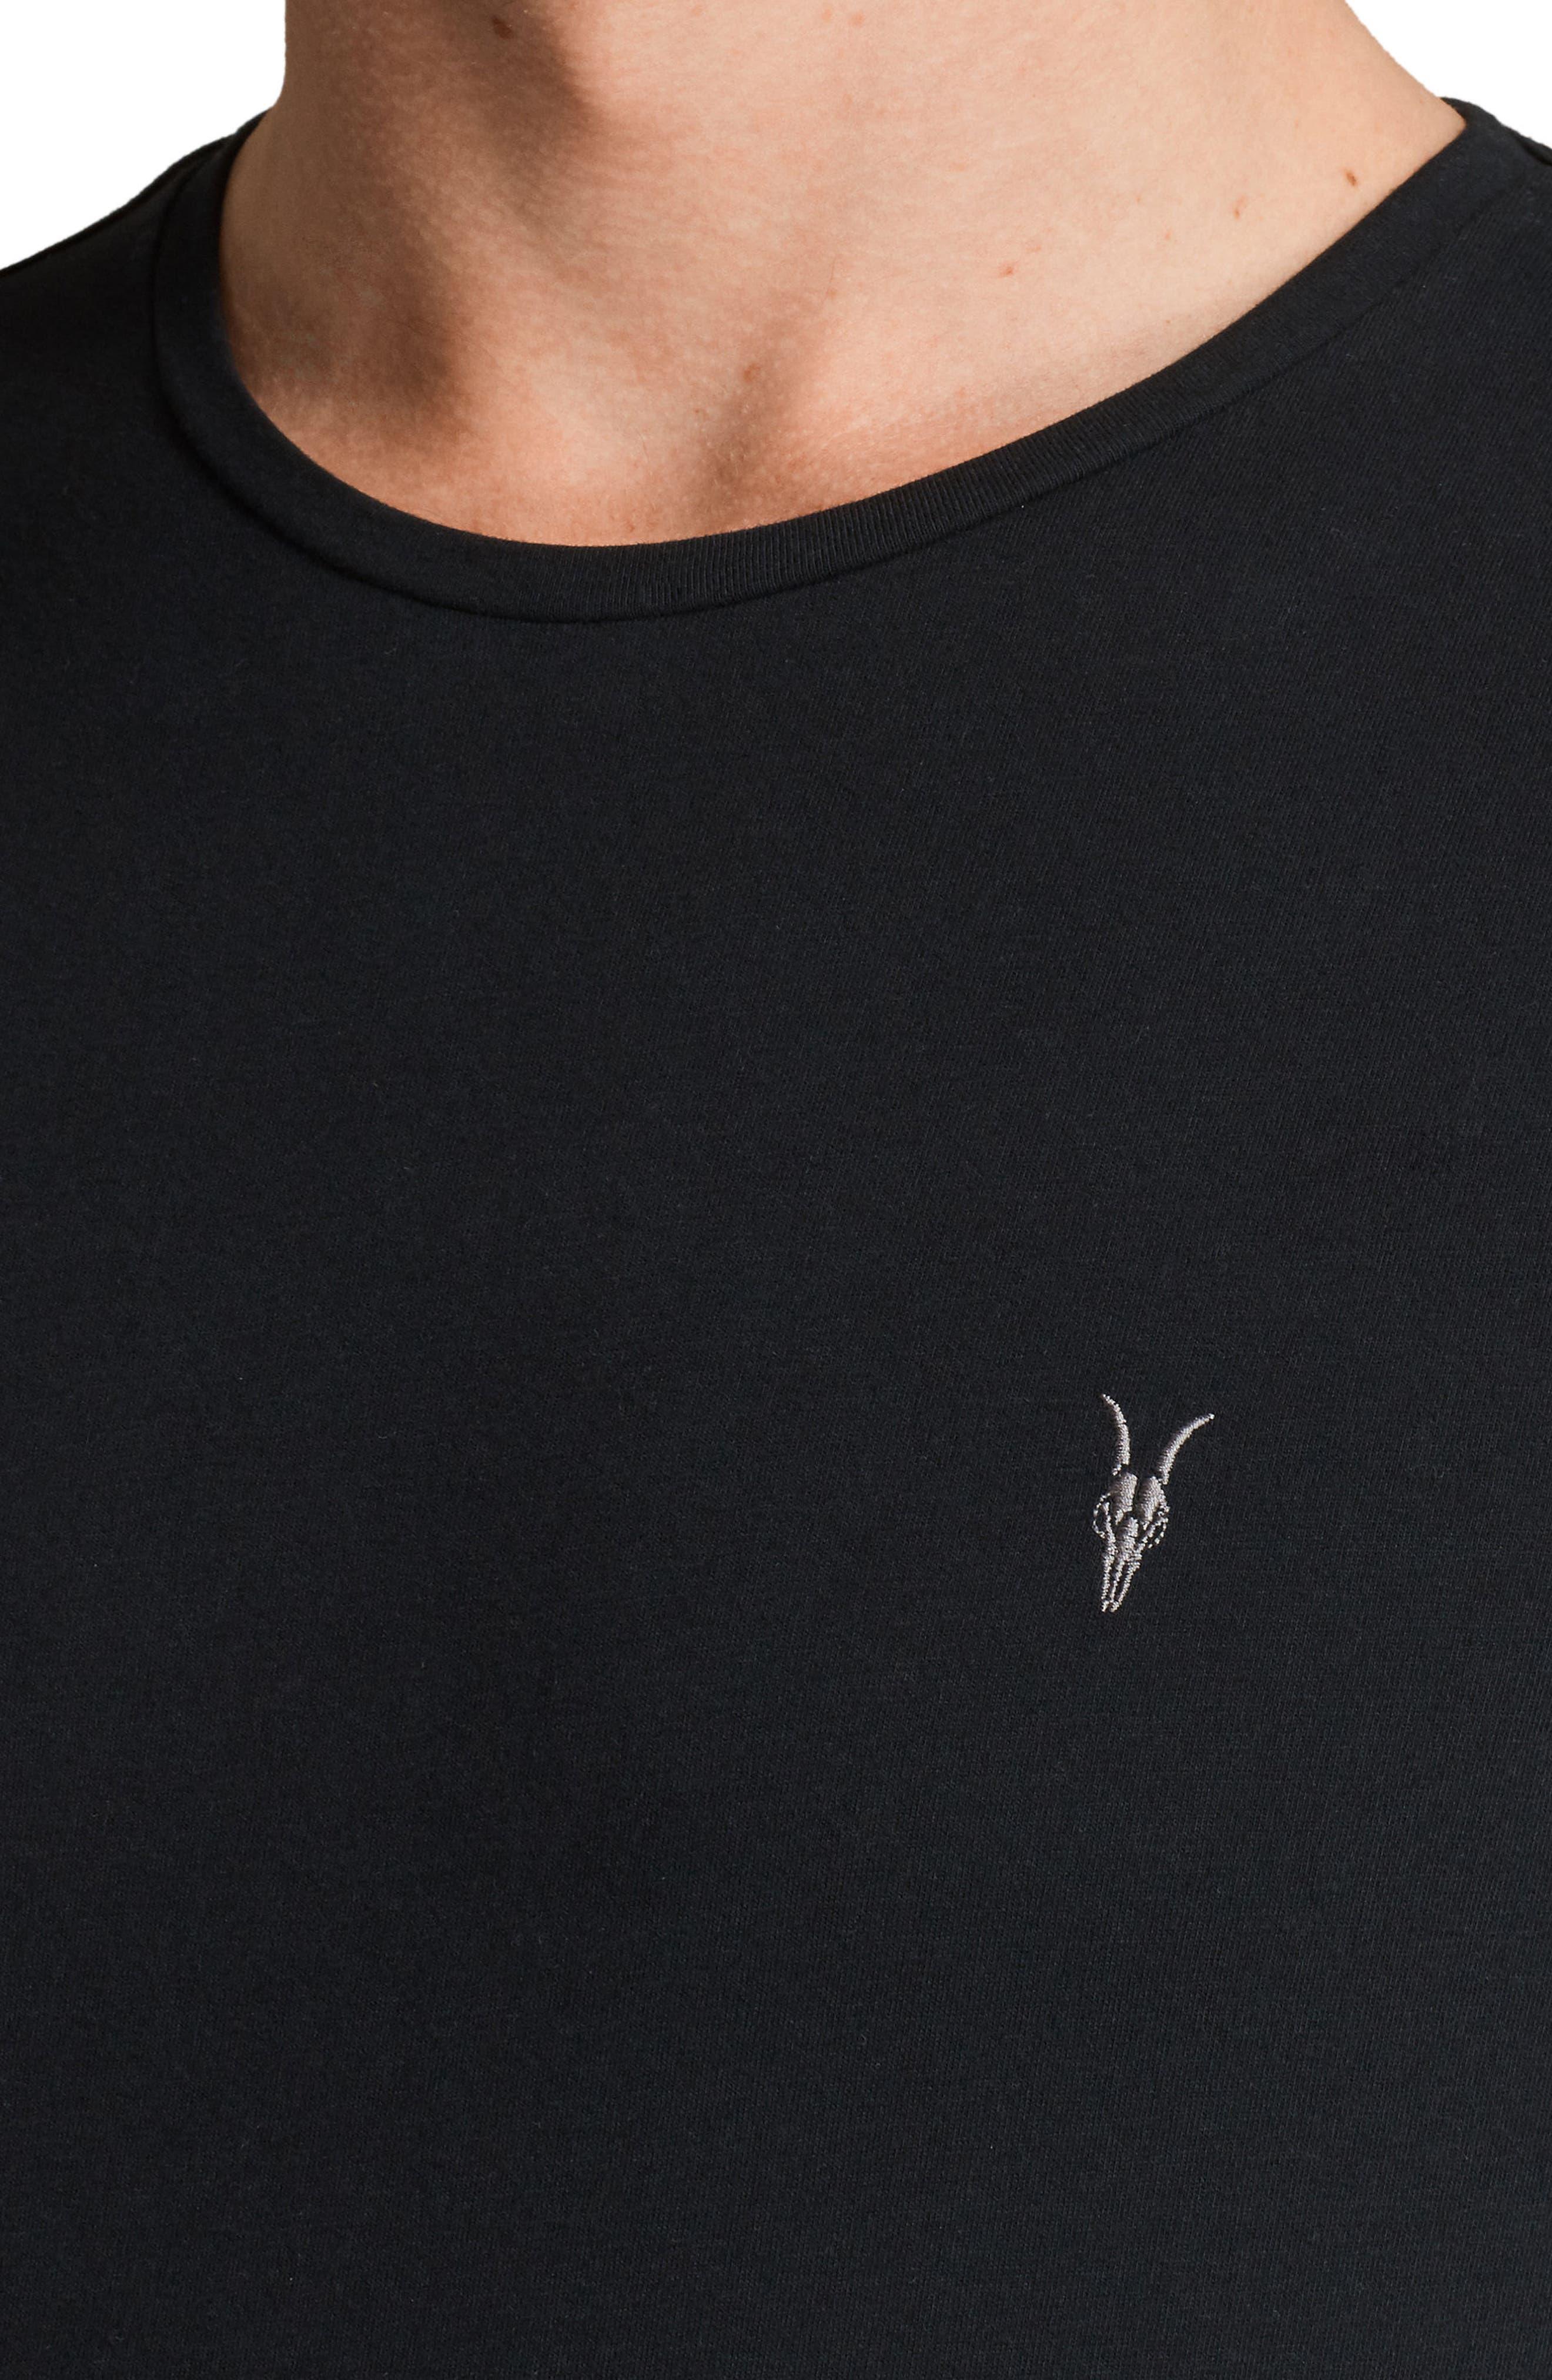 Alternate Image 4  - ALLSAINTS Brace Tonic Slim Fit Crewneck T-Shirt